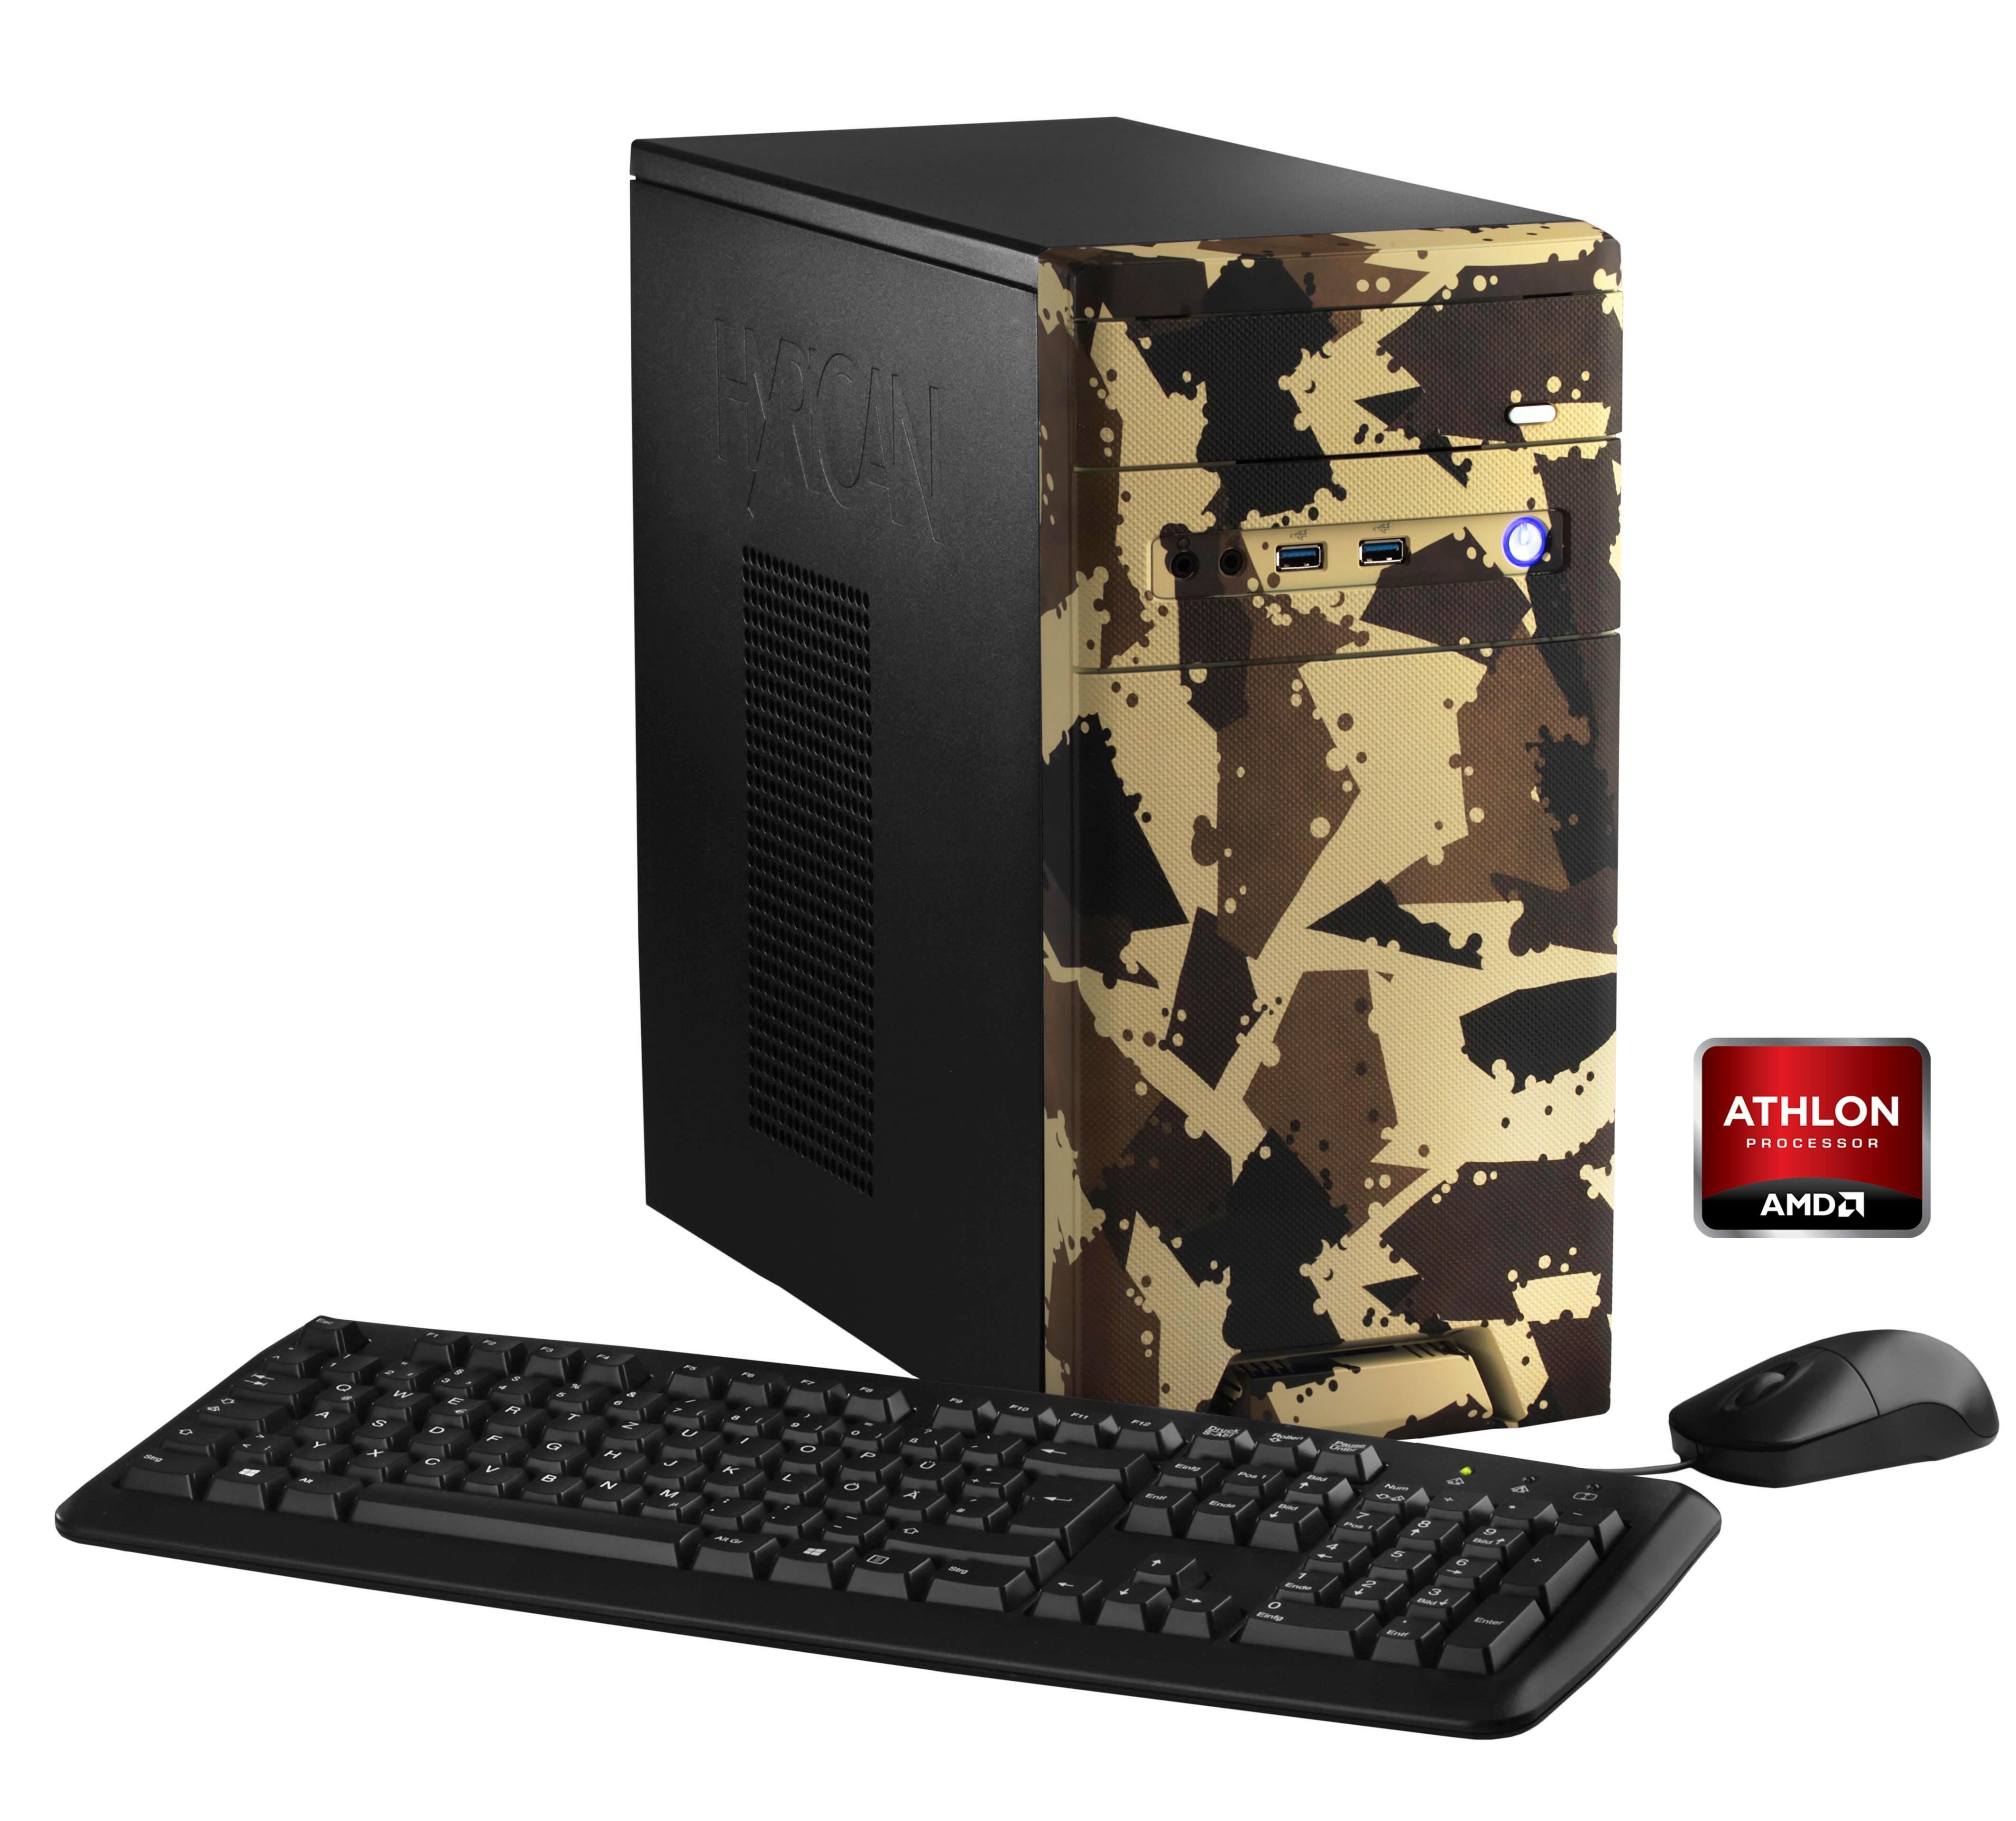 Hyrican PC AMD Athlon X4 860K, 8GB, 1TB, Geforce™ GTX 1050 »CyberGamer desert 5353 «